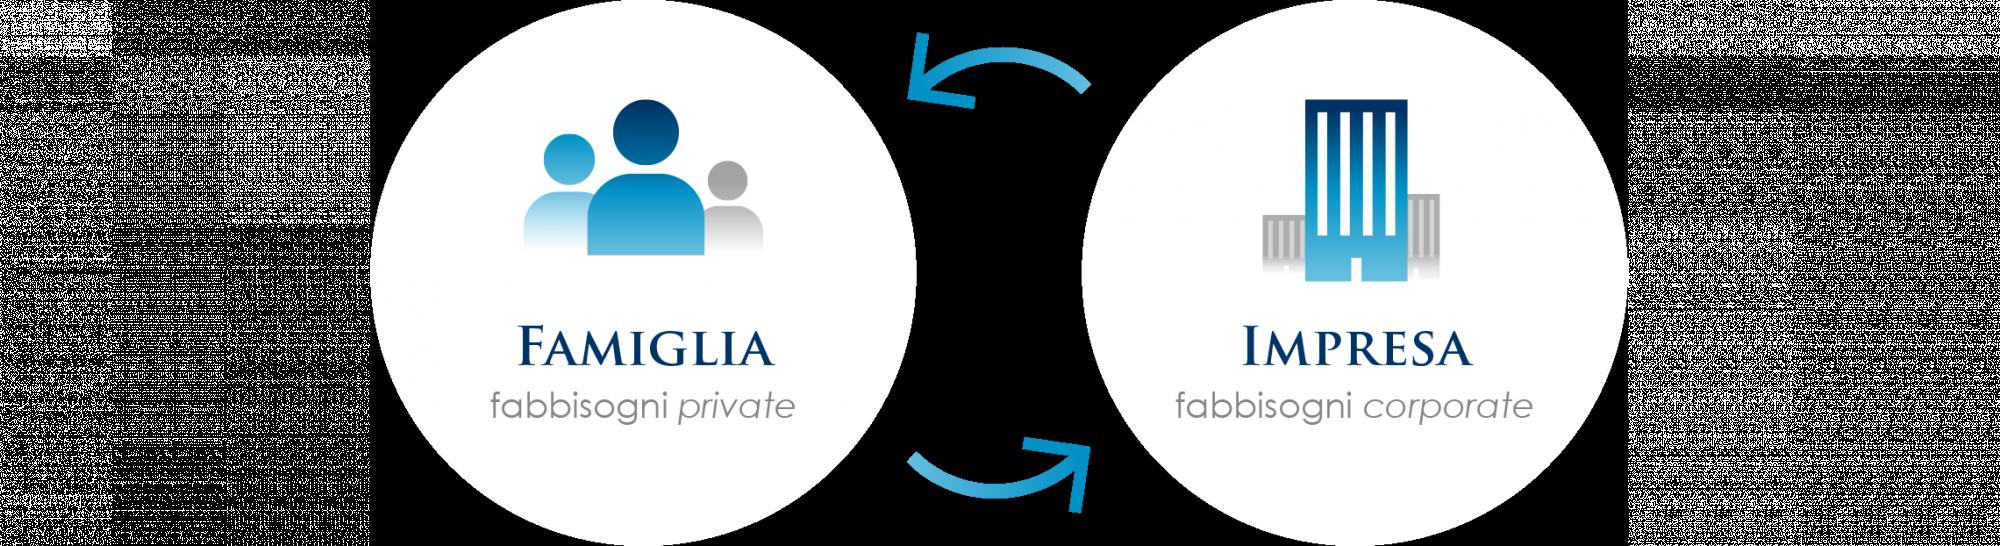 Governance familiare - Famiglia e Impresa - Fabbisogni Private e fabbisogni Corporate